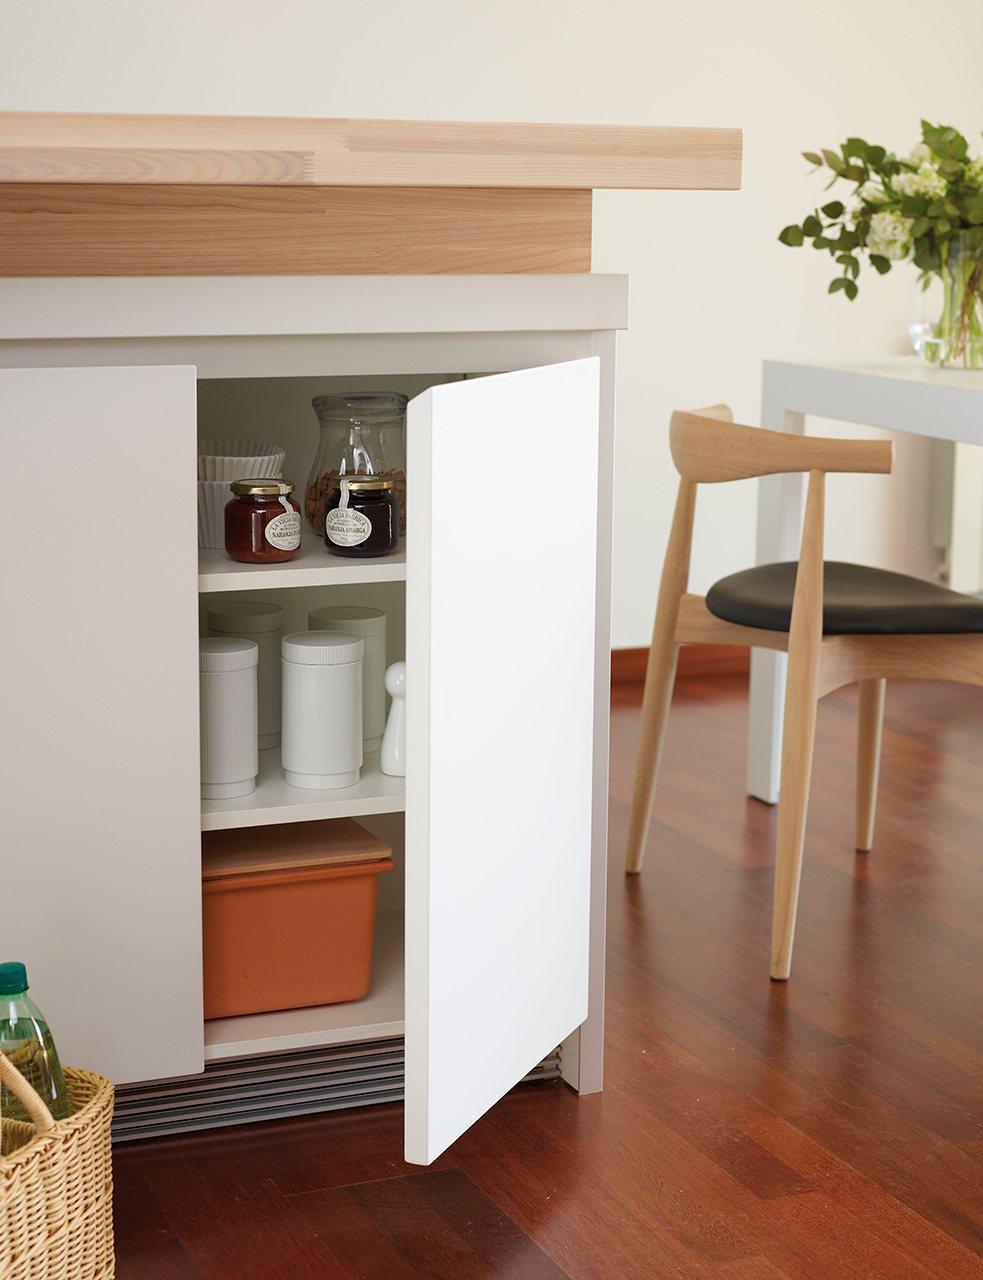 Reforma tu cocina: mínima obra, máximo ahorro